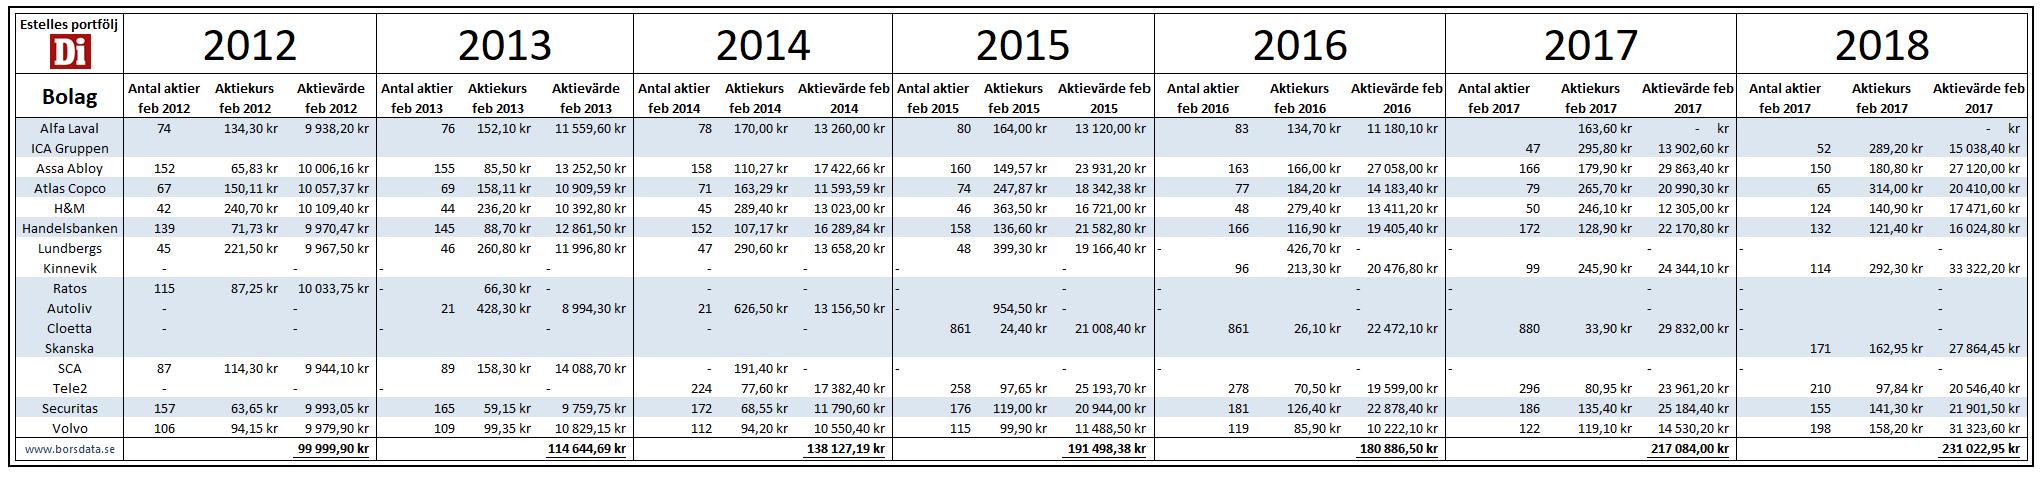 Portföljutveckling tabell 2018